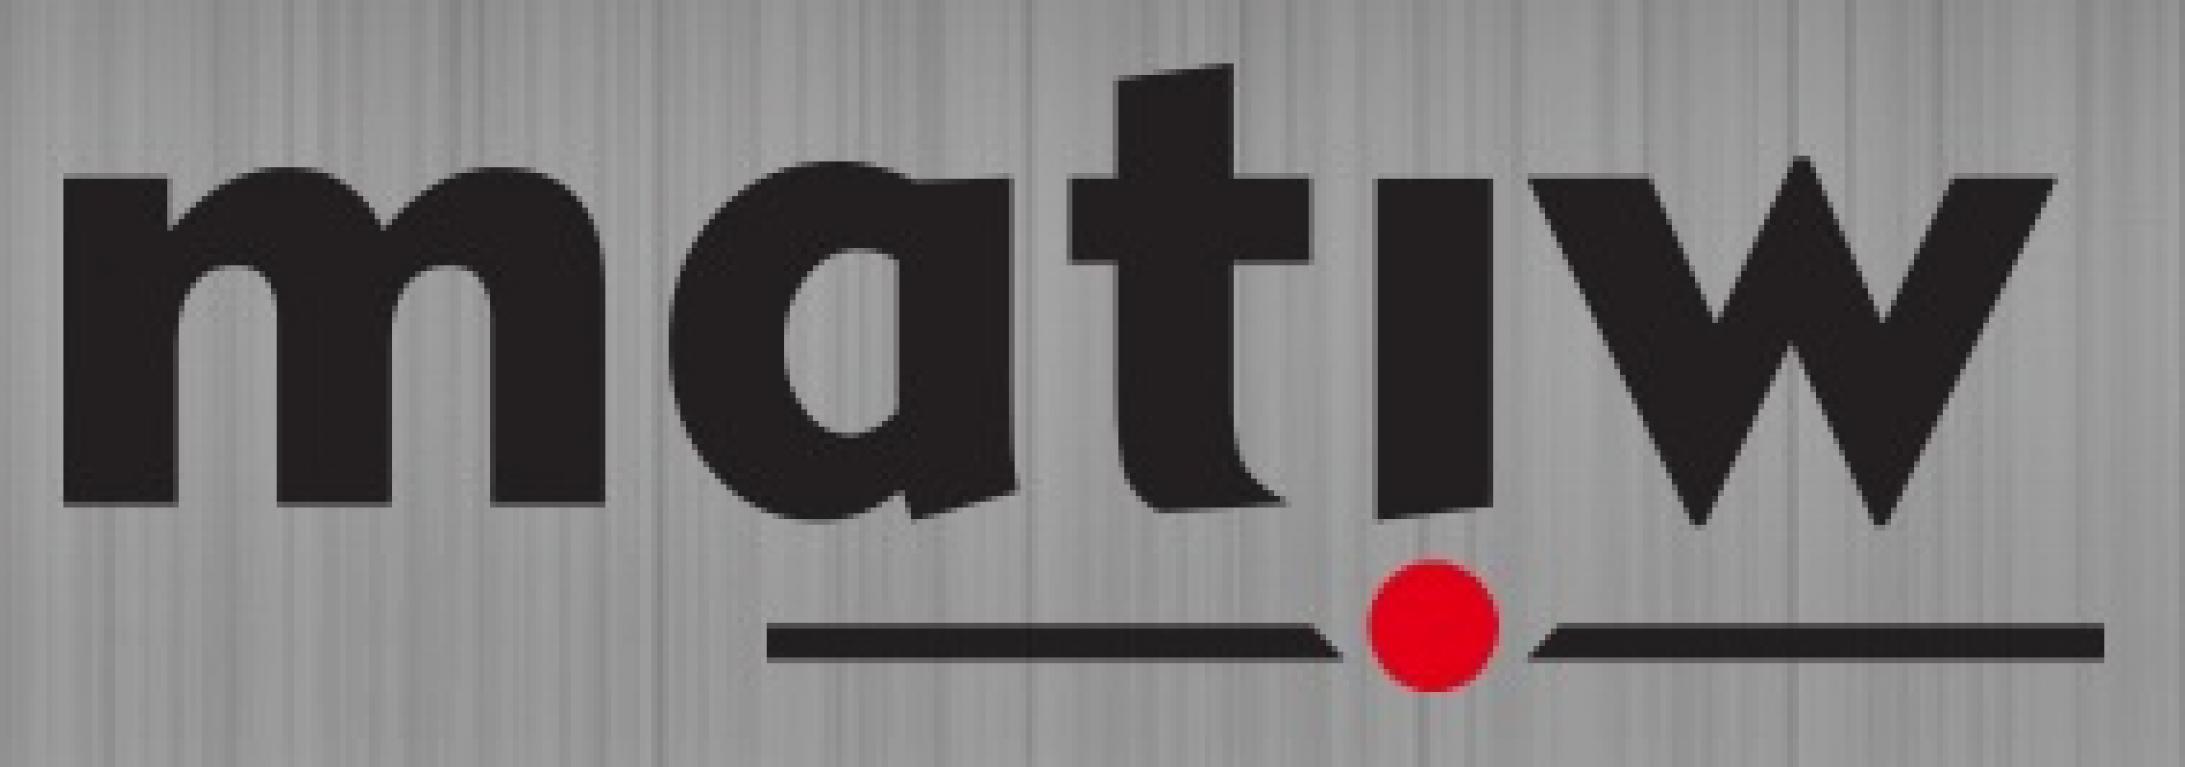 Matiw - części i akcesoria spawalnicze